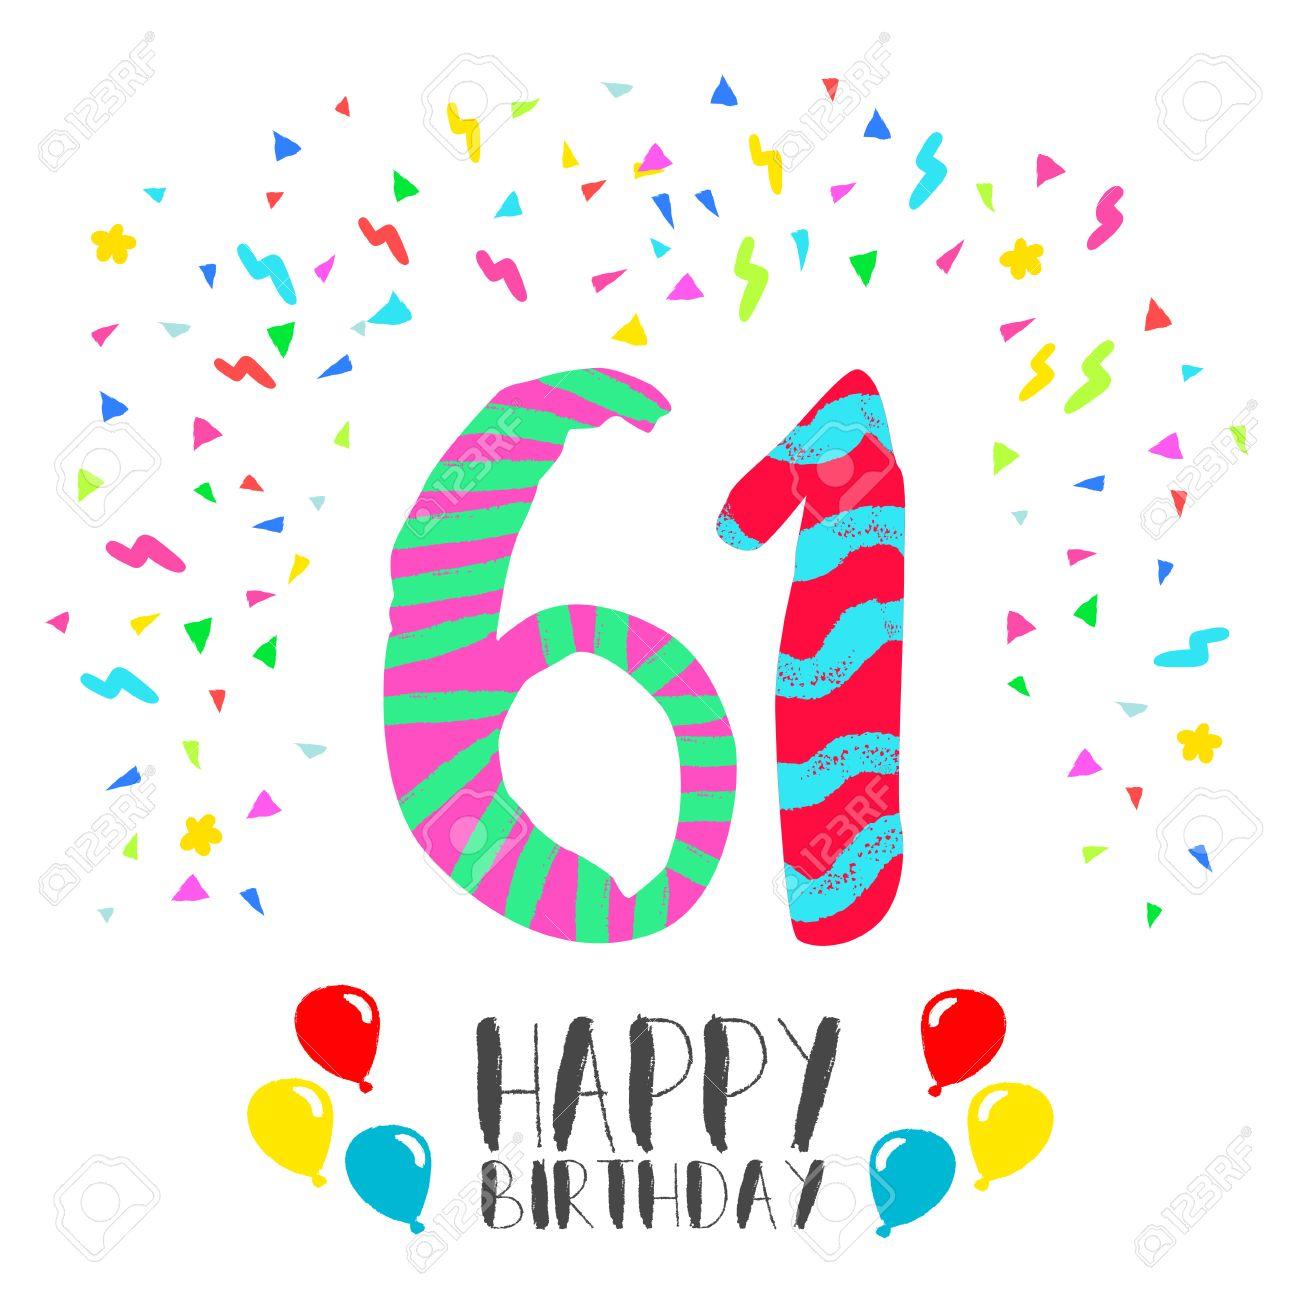 Número 61 Del Feliz Cumpleaños Tarjeta De Felicitación Por Sesenta Un Año En El Estilo Del Arte De La Diversión Con Confeti Partido Invitación Del